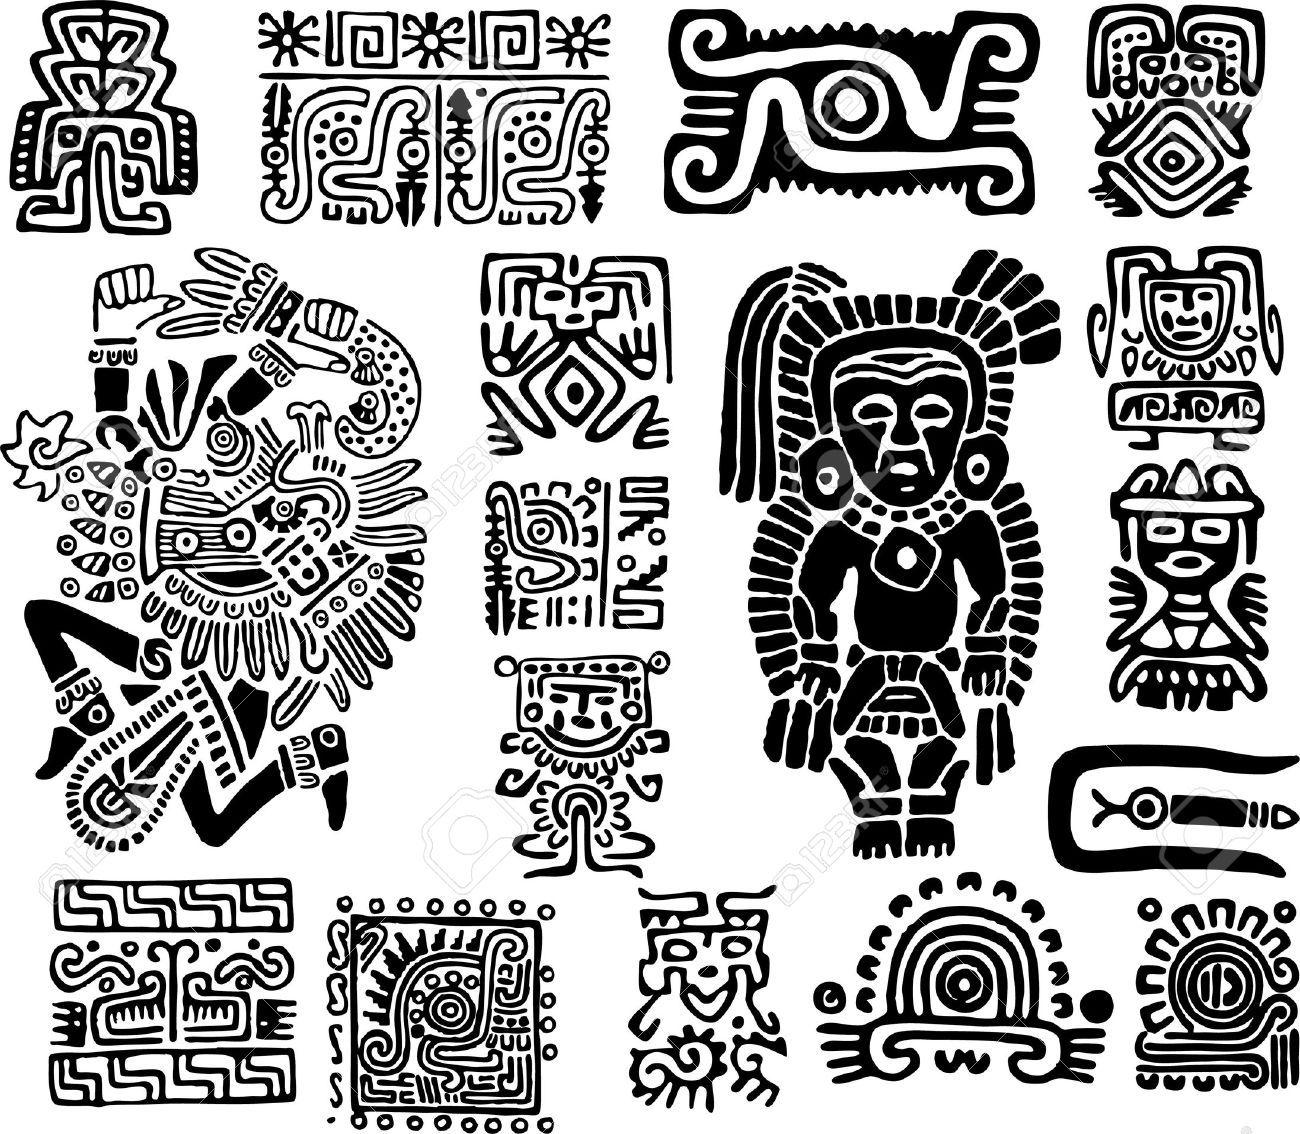 maya symbols - Google keresés | jewellery | Pinterest ...